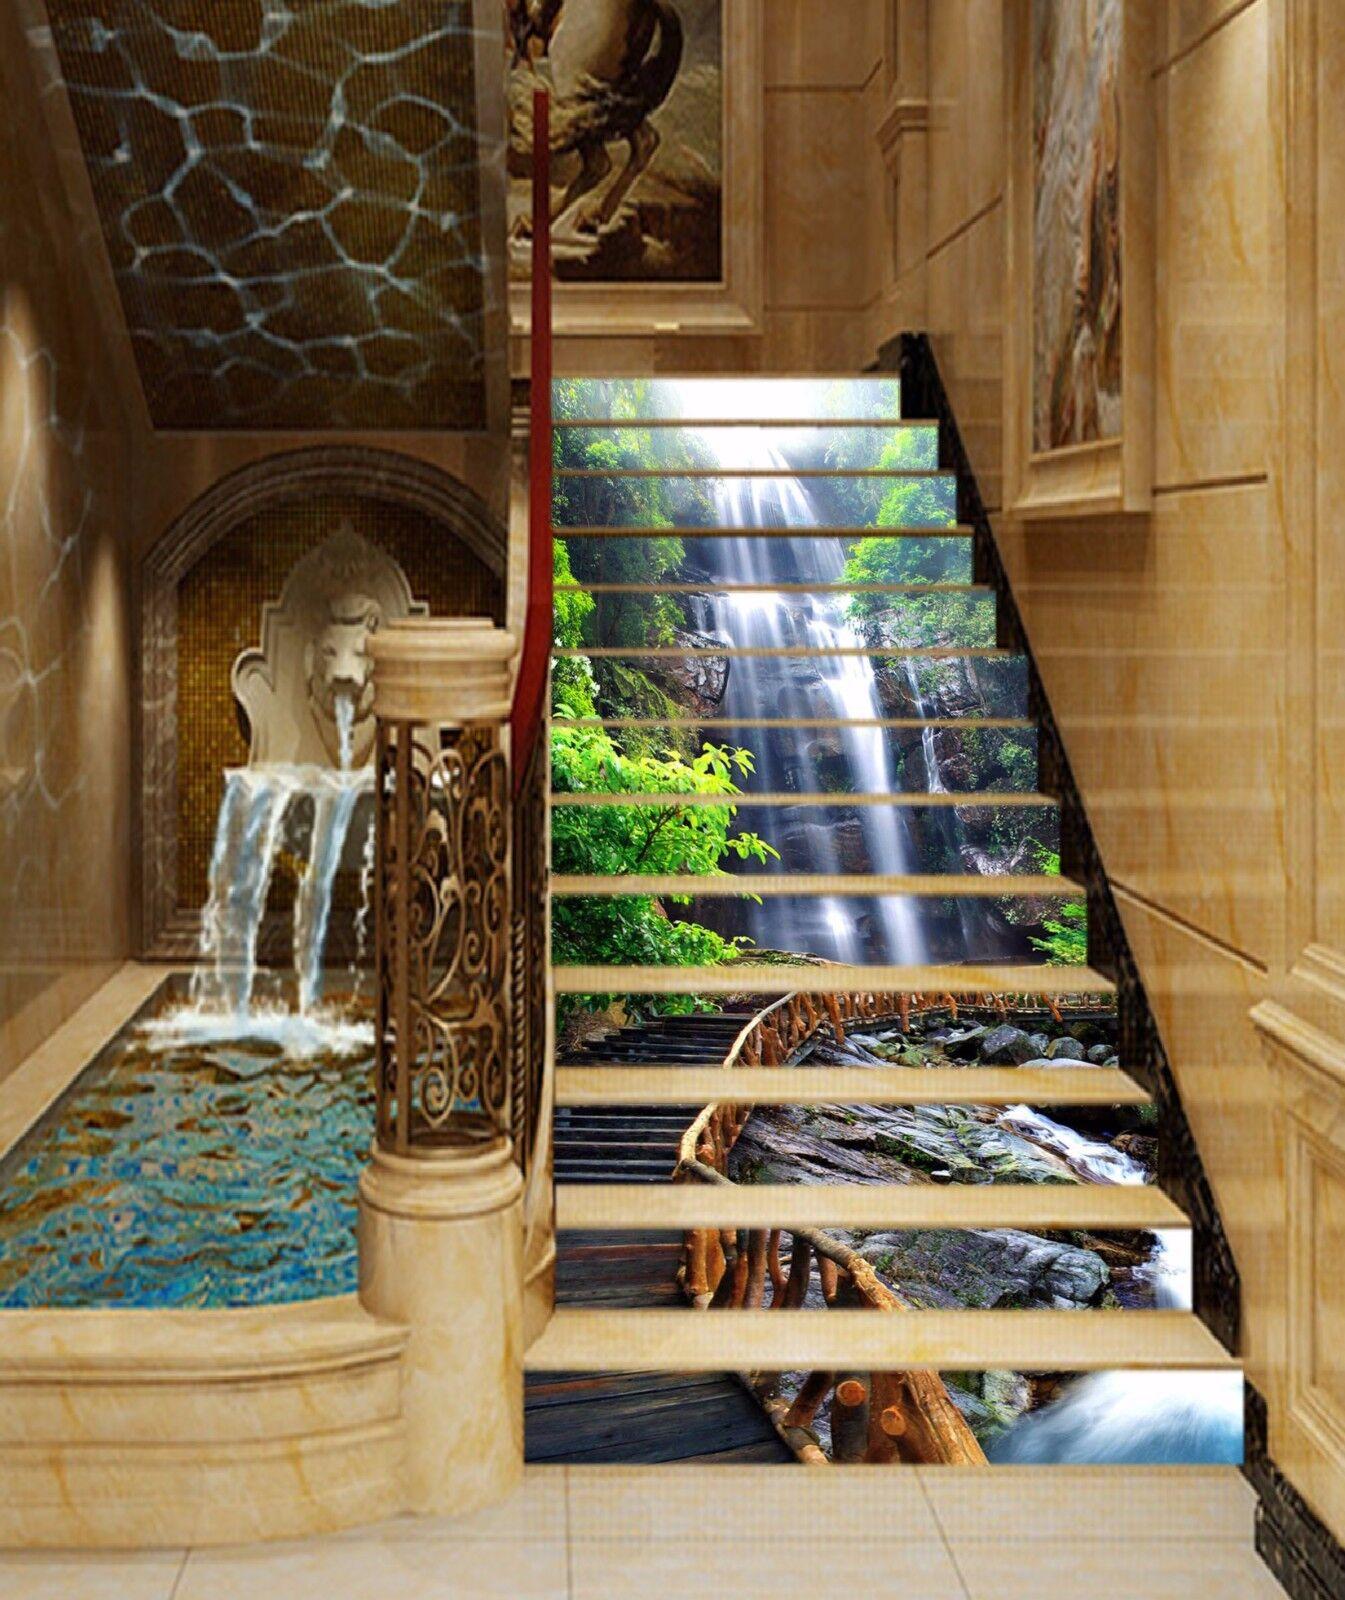 3D Falls Wood Road Stair Risers Decoration Photo Mural Vinyl Decal Wallpaper UK